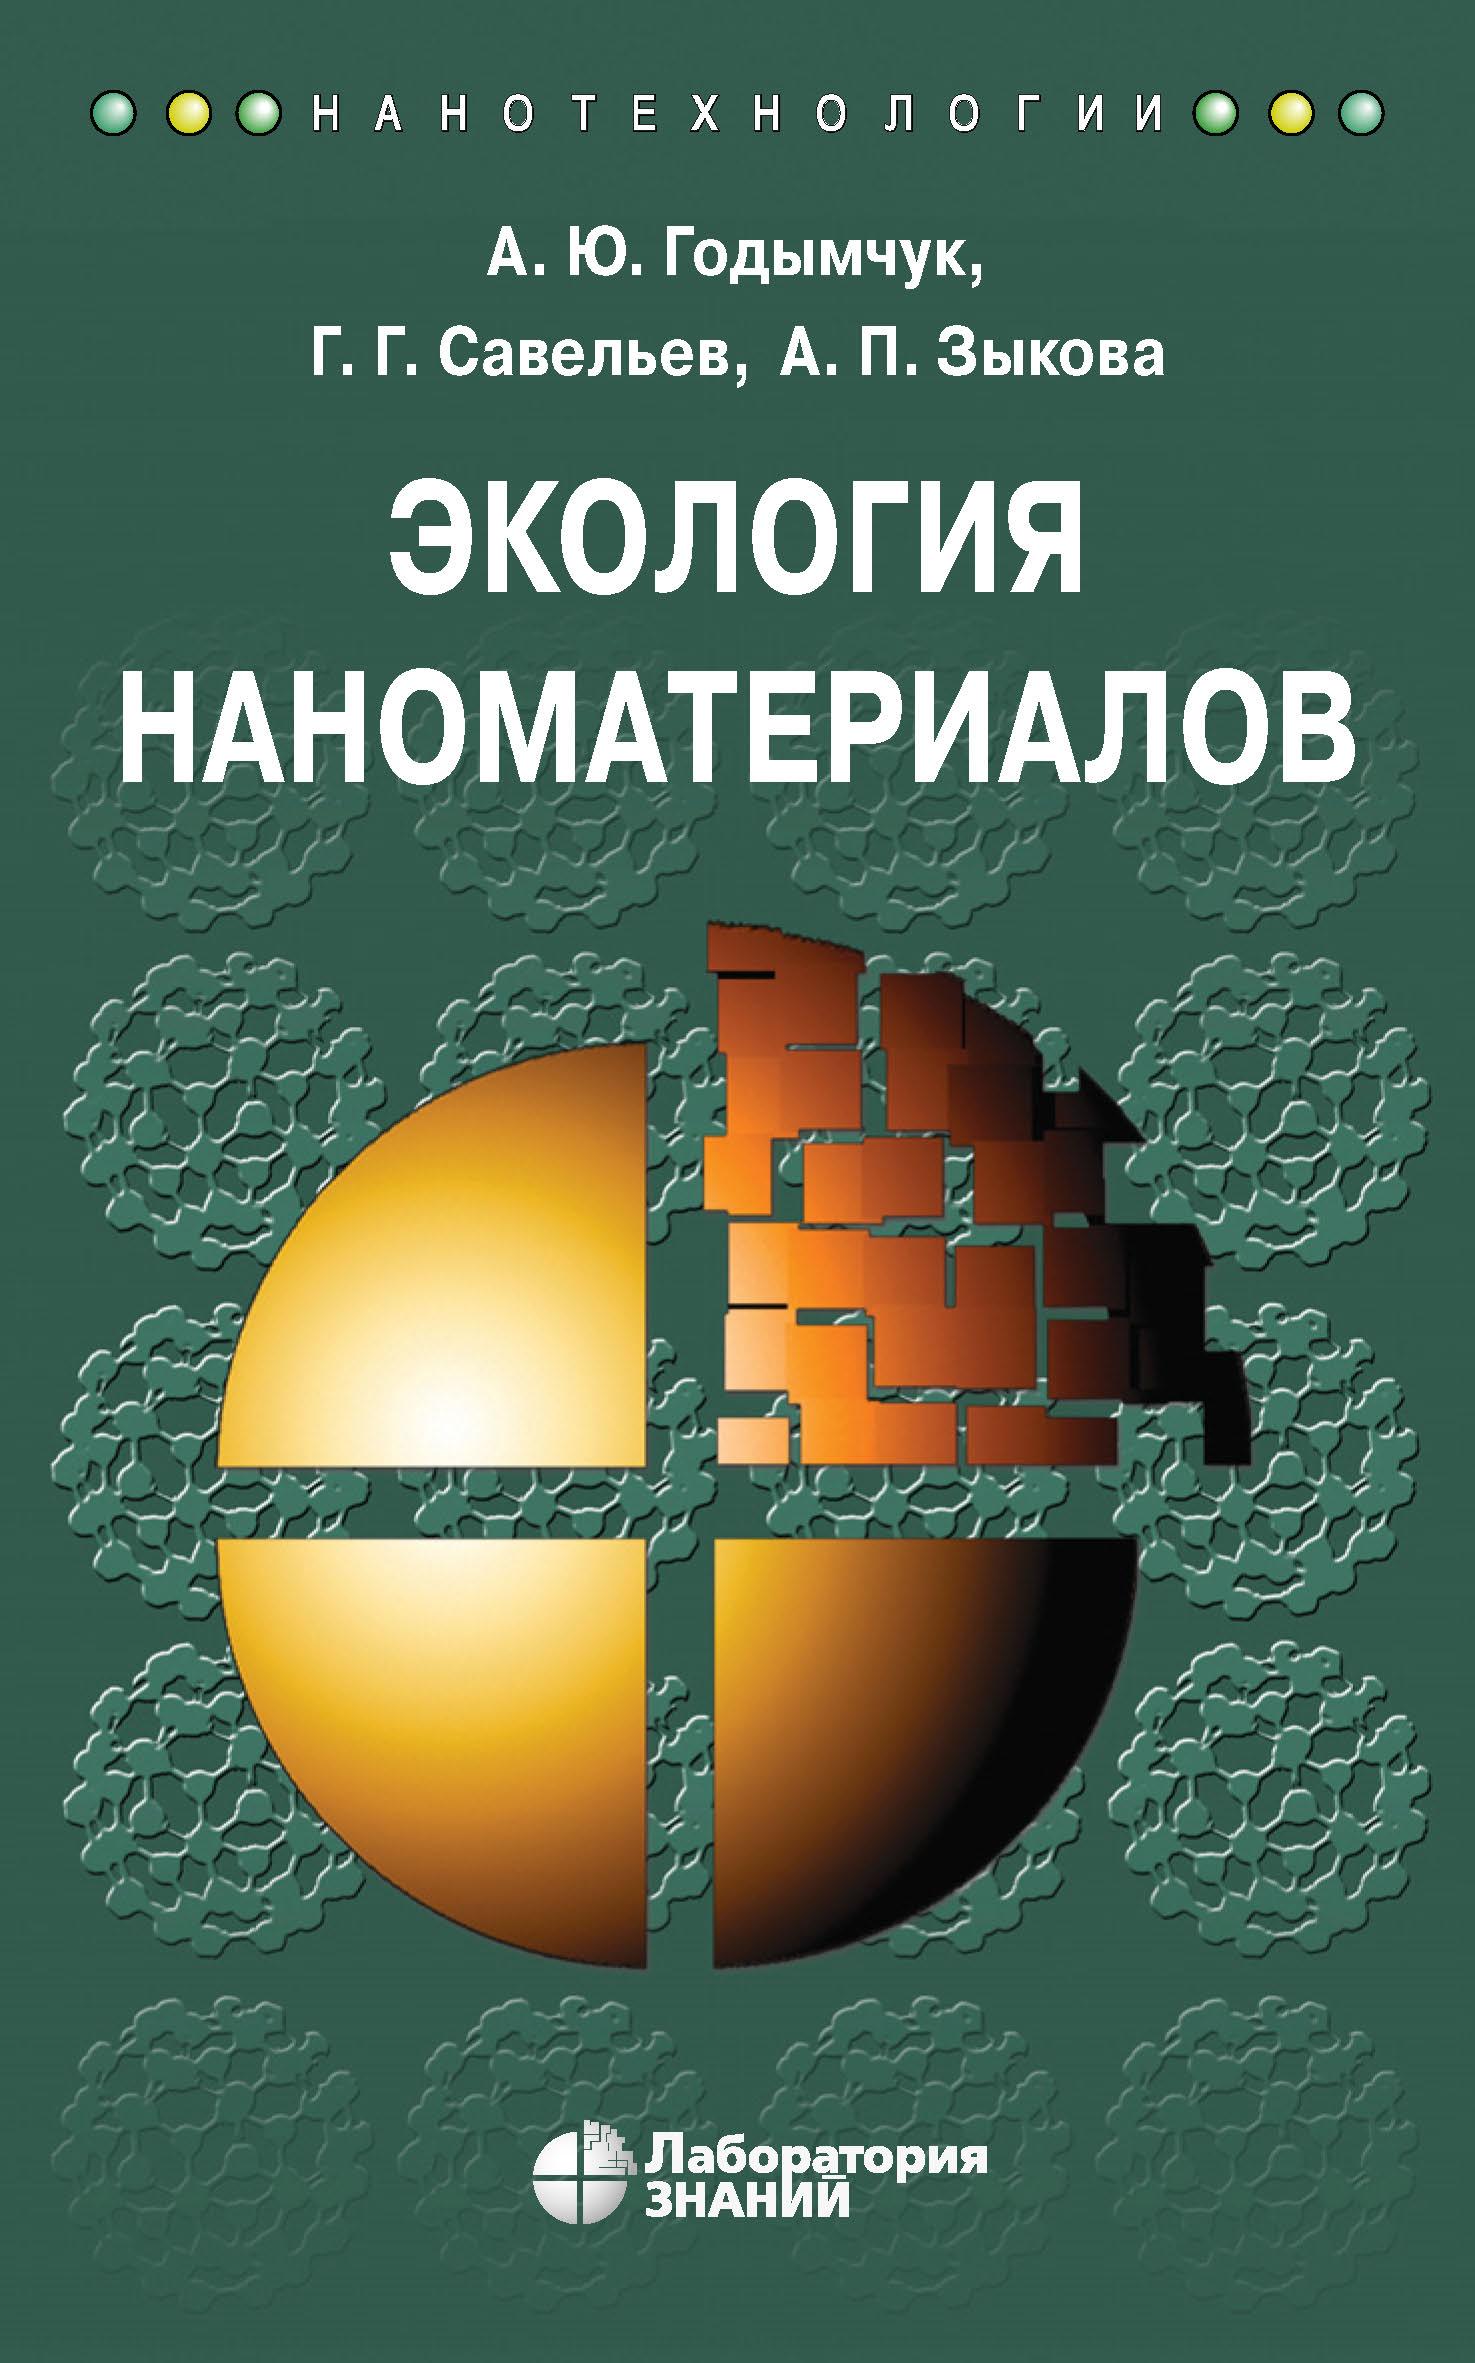 Экология наноматериалов